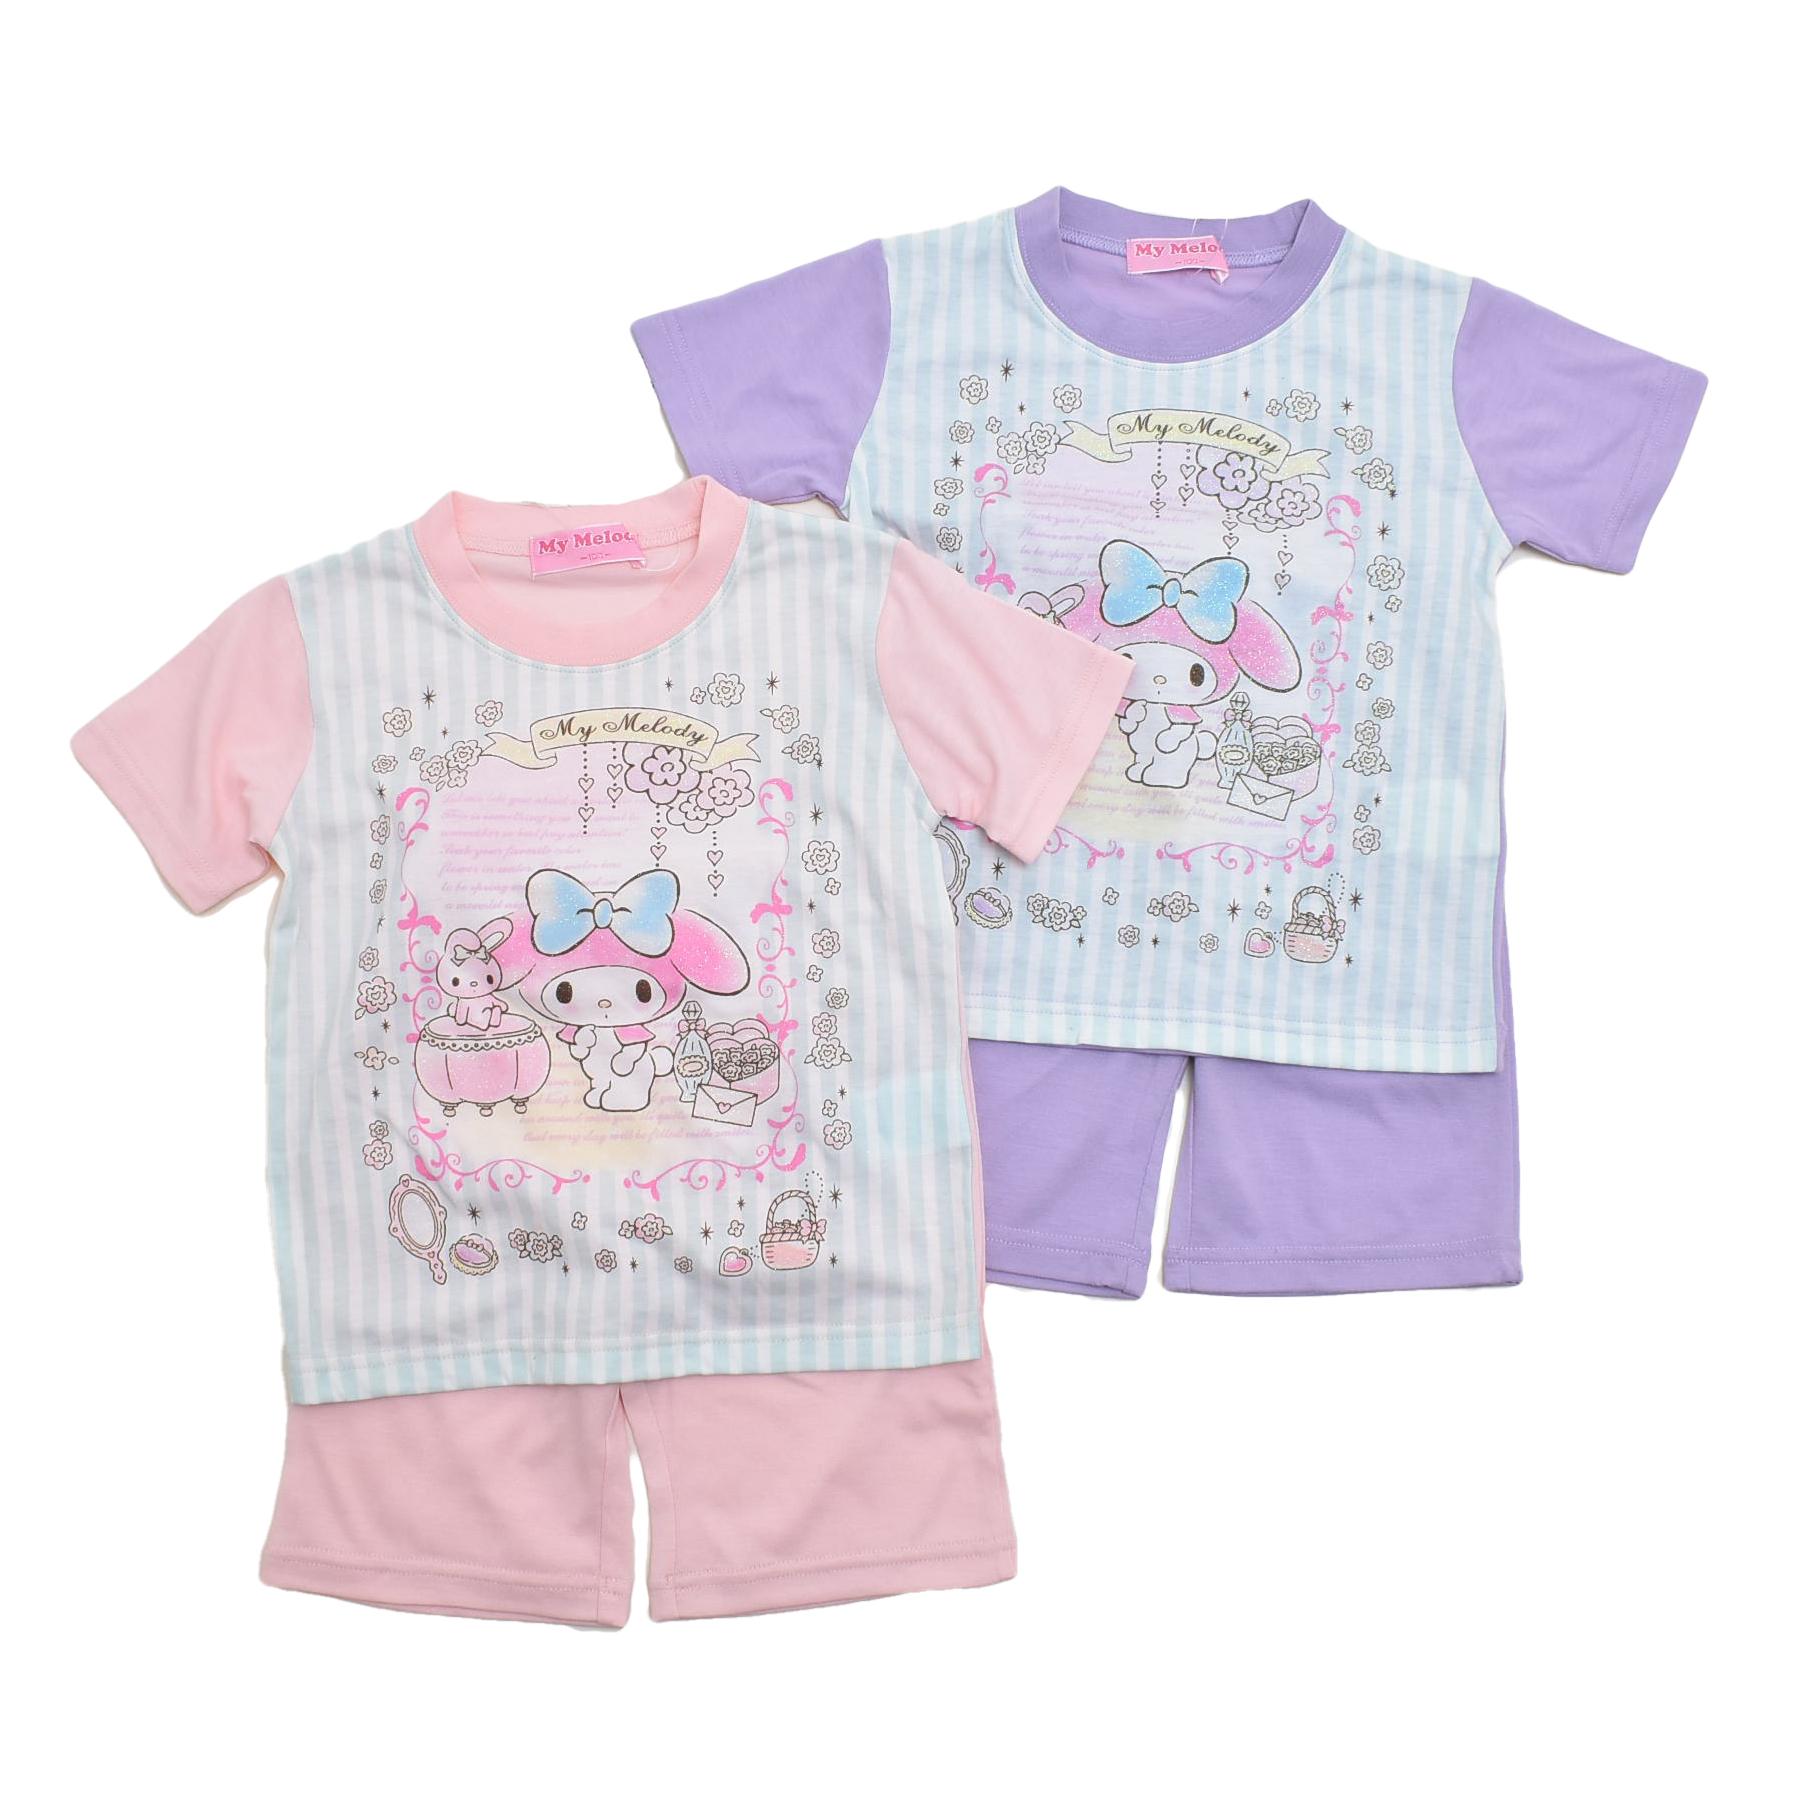 サンリオ マイメロディ  半袖Tシャツ生地のパジャマ  100-130cm(132MM0071)